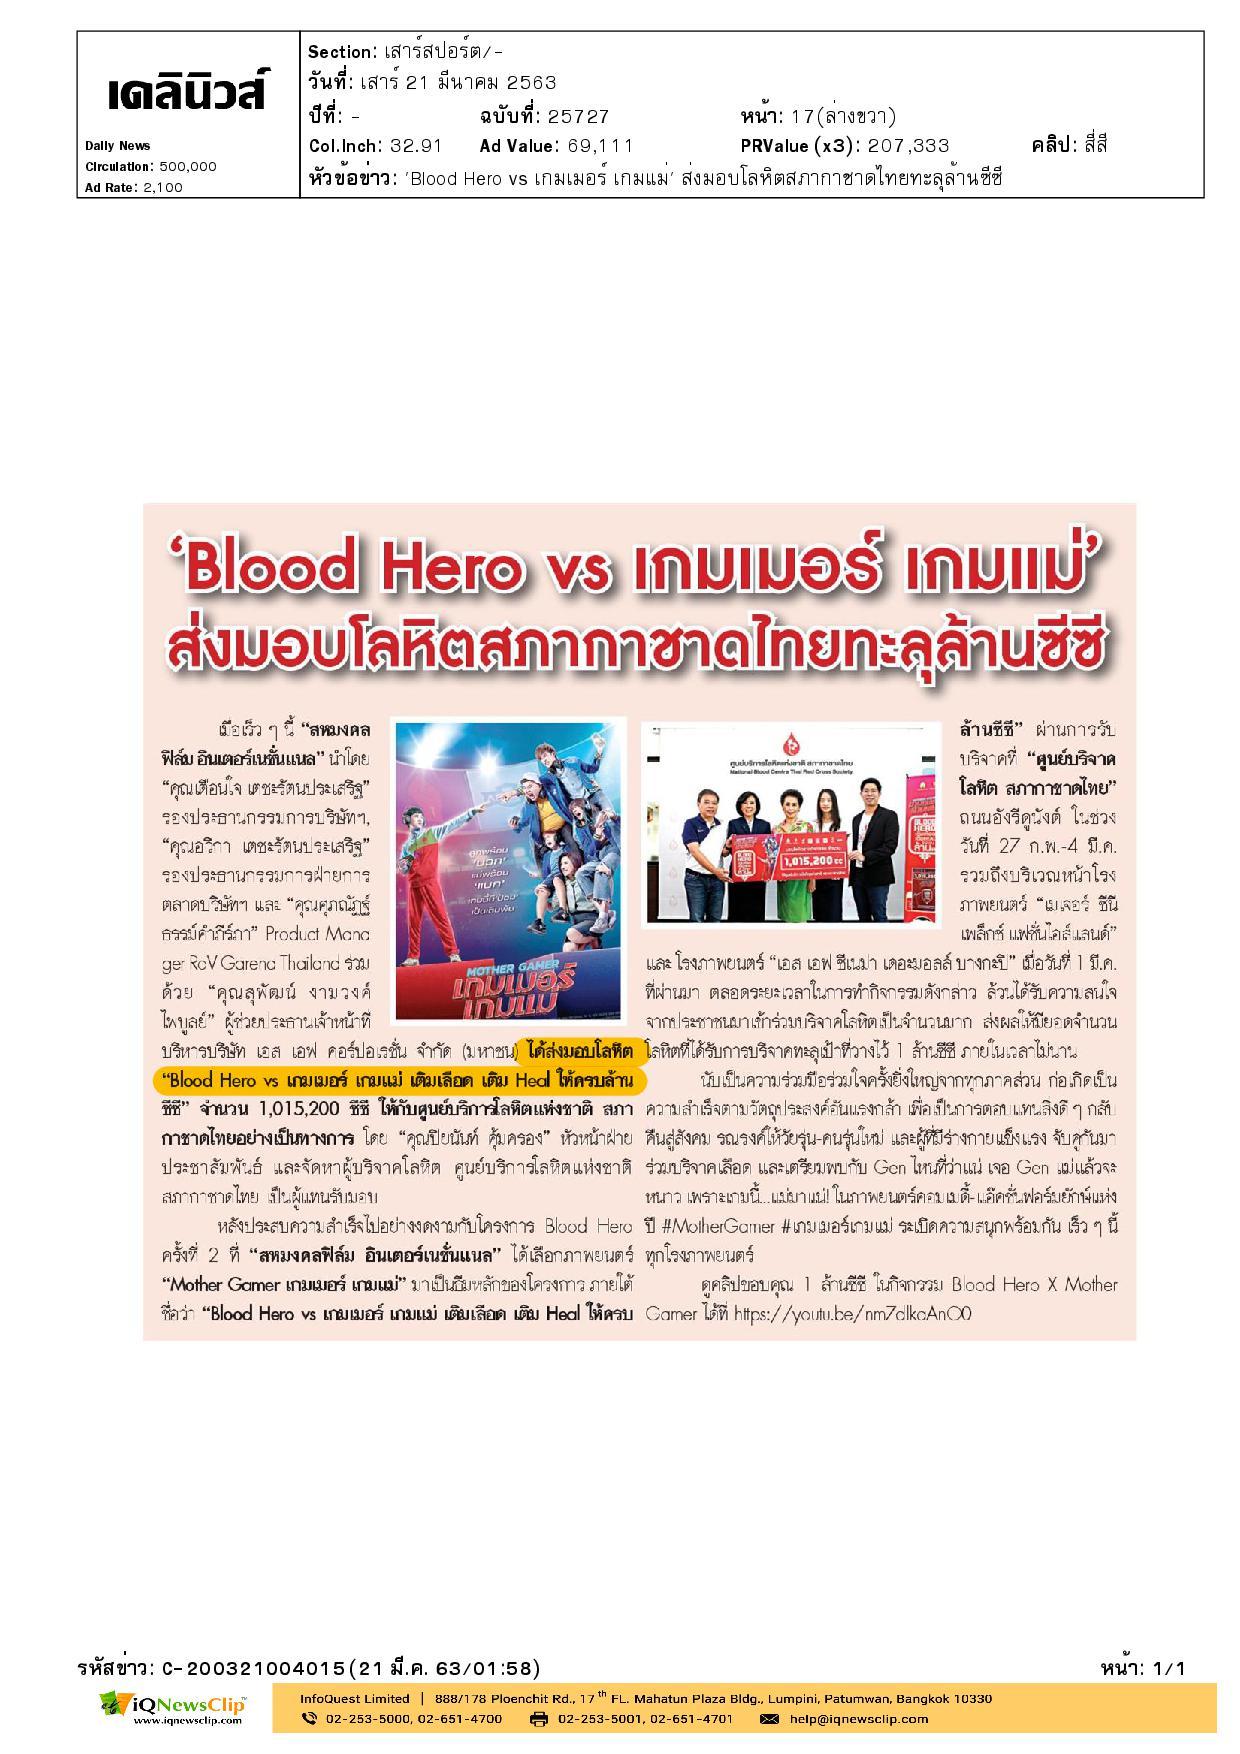 เกมเมอร์ เกมแม่ เติมเลือด เติม Heal ให้ครบล้านซีซี